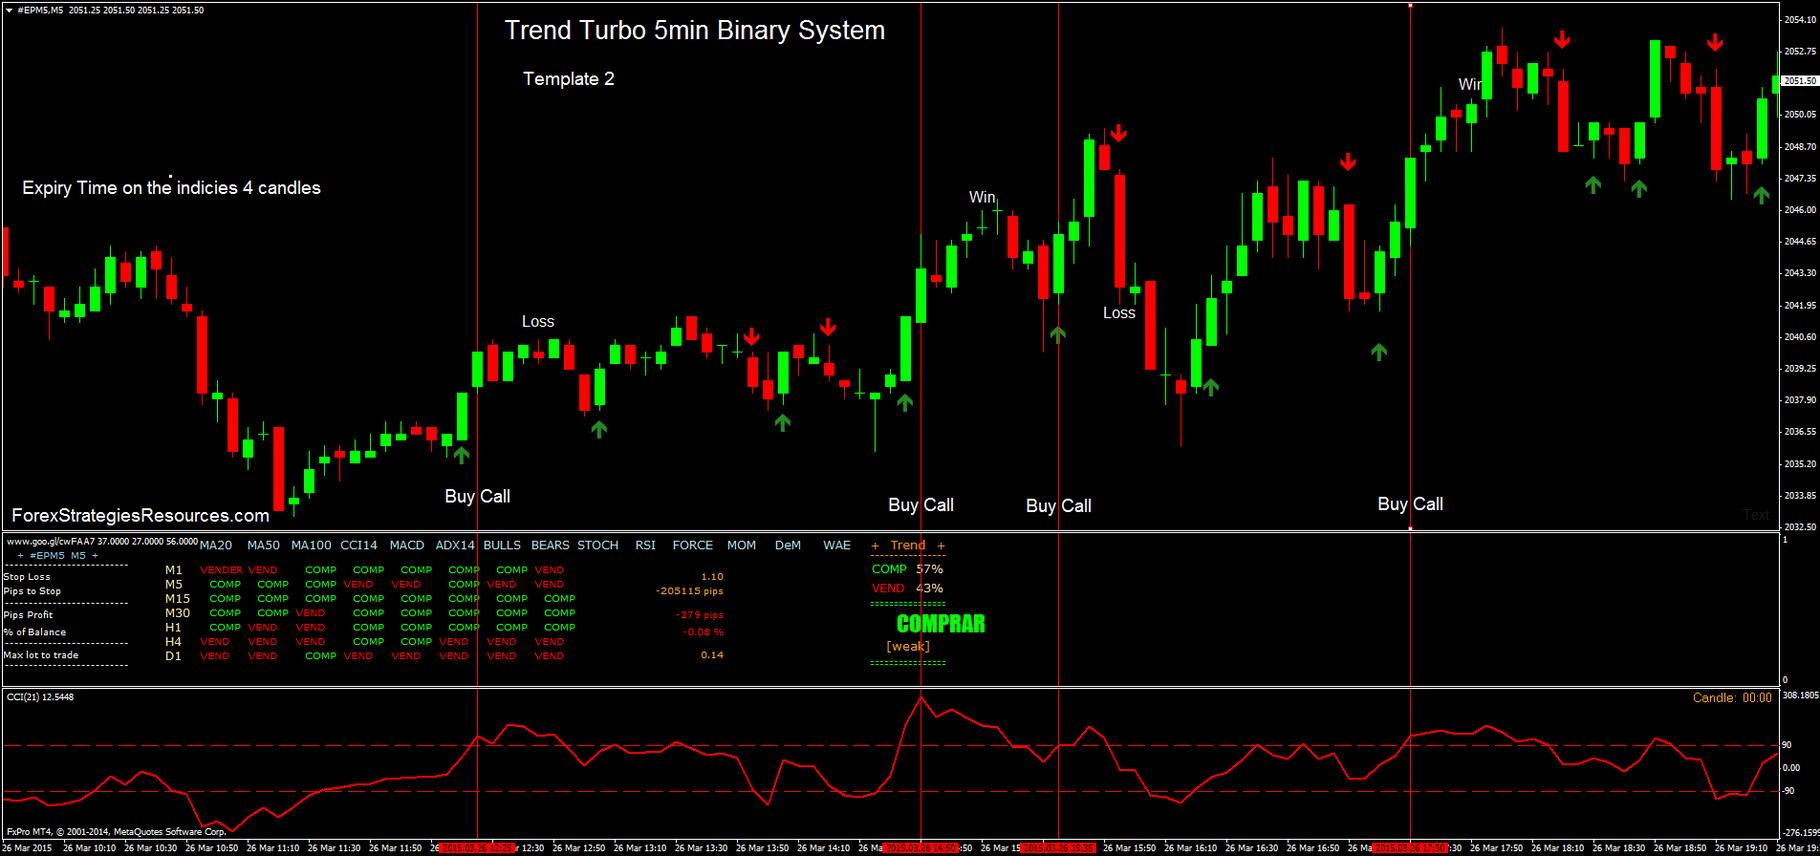 indicatori și strategii pentru opțiunile turbo strategii comerciale cu indicatori de pescuit